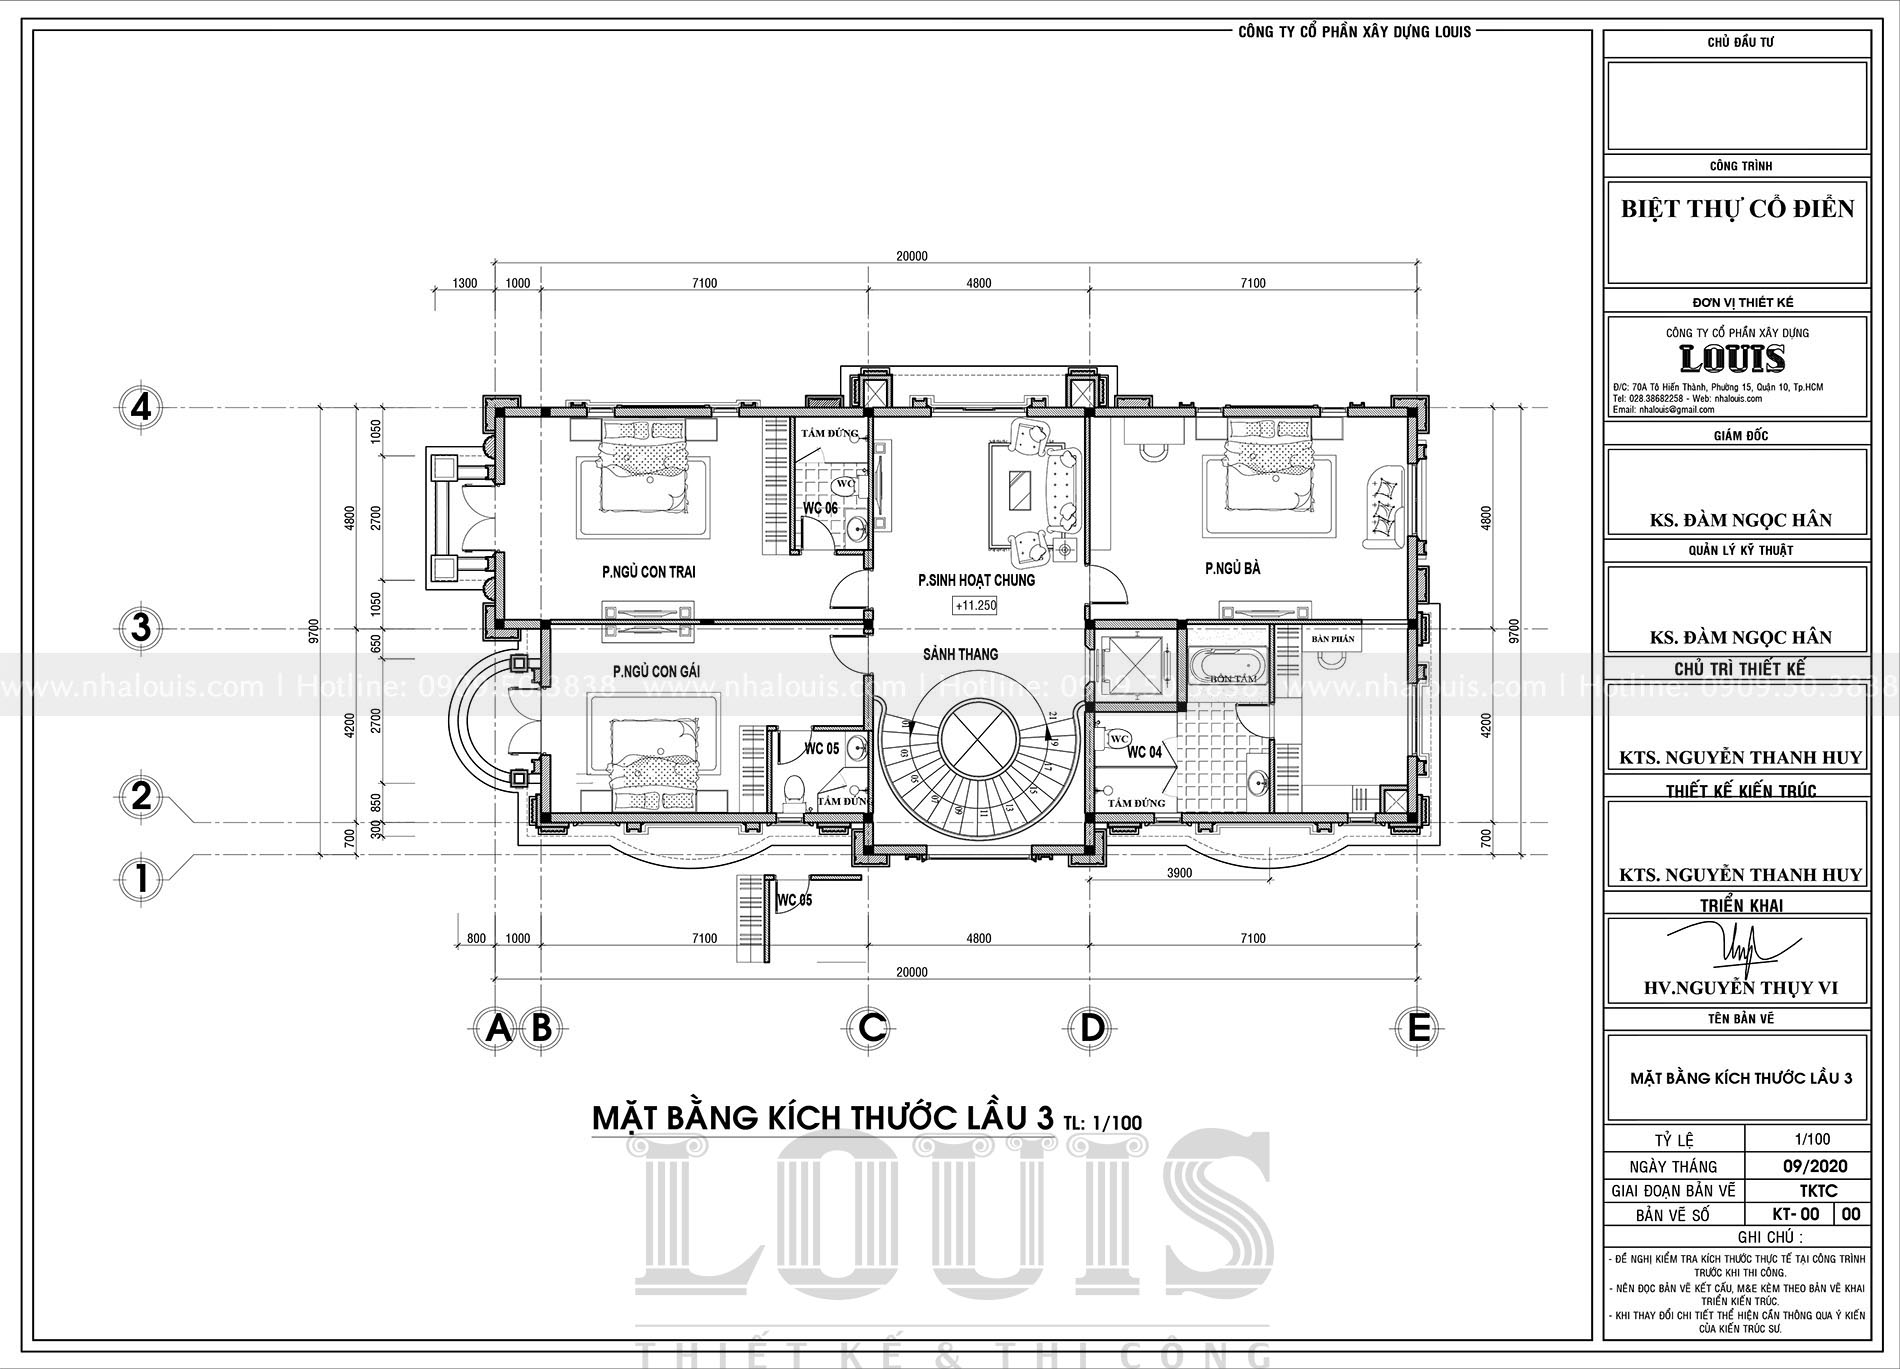 thiết kế biệt thự cổ điển 5 tầng sang trọng tại đồng nai